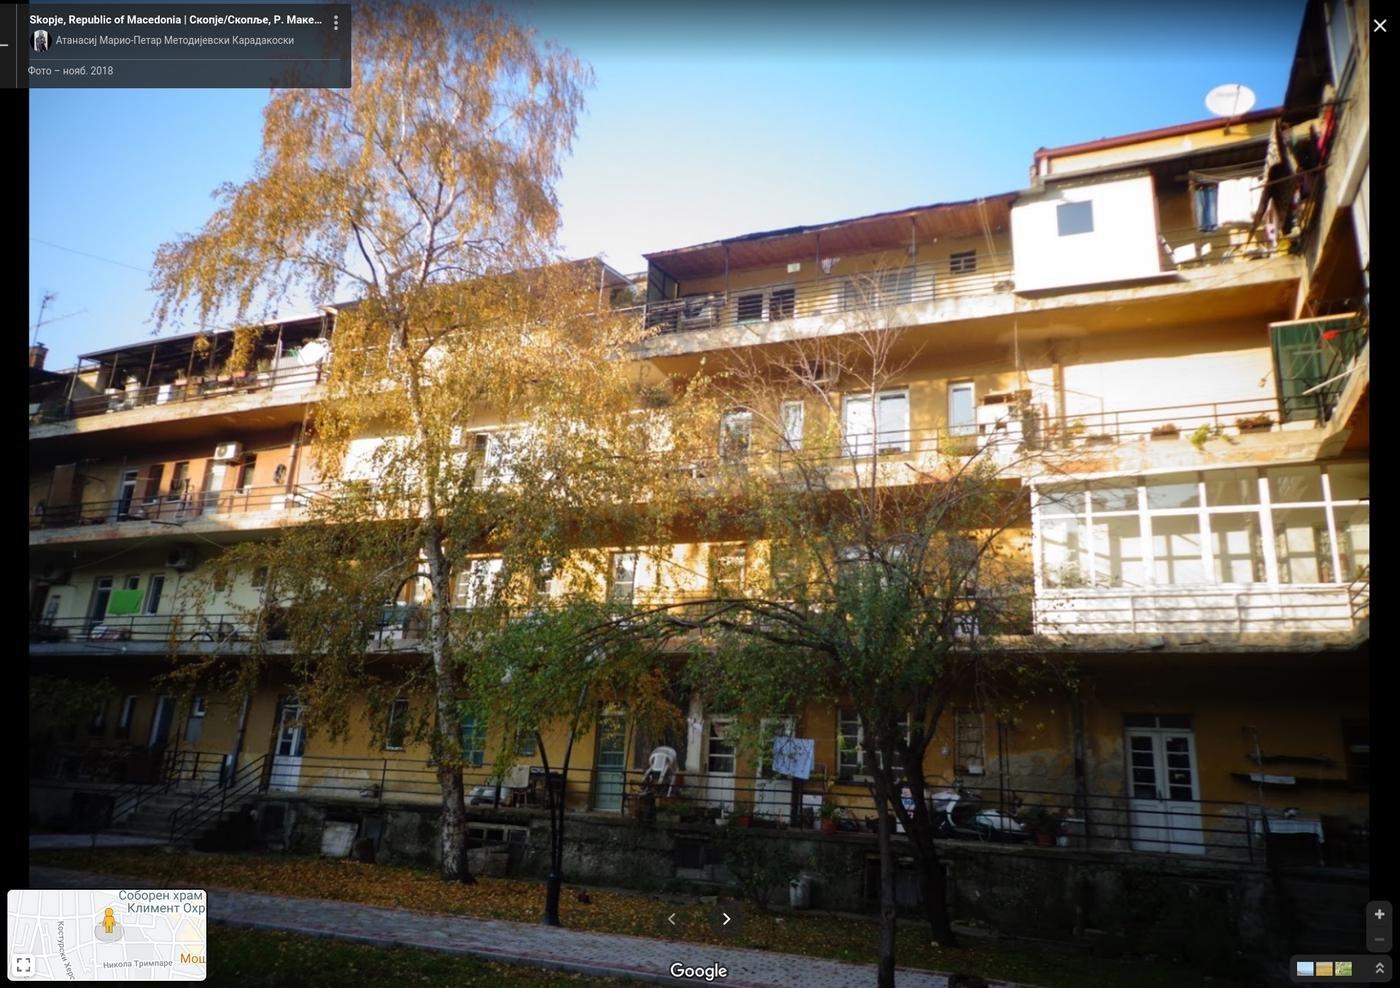 Похожий двор в Скопье